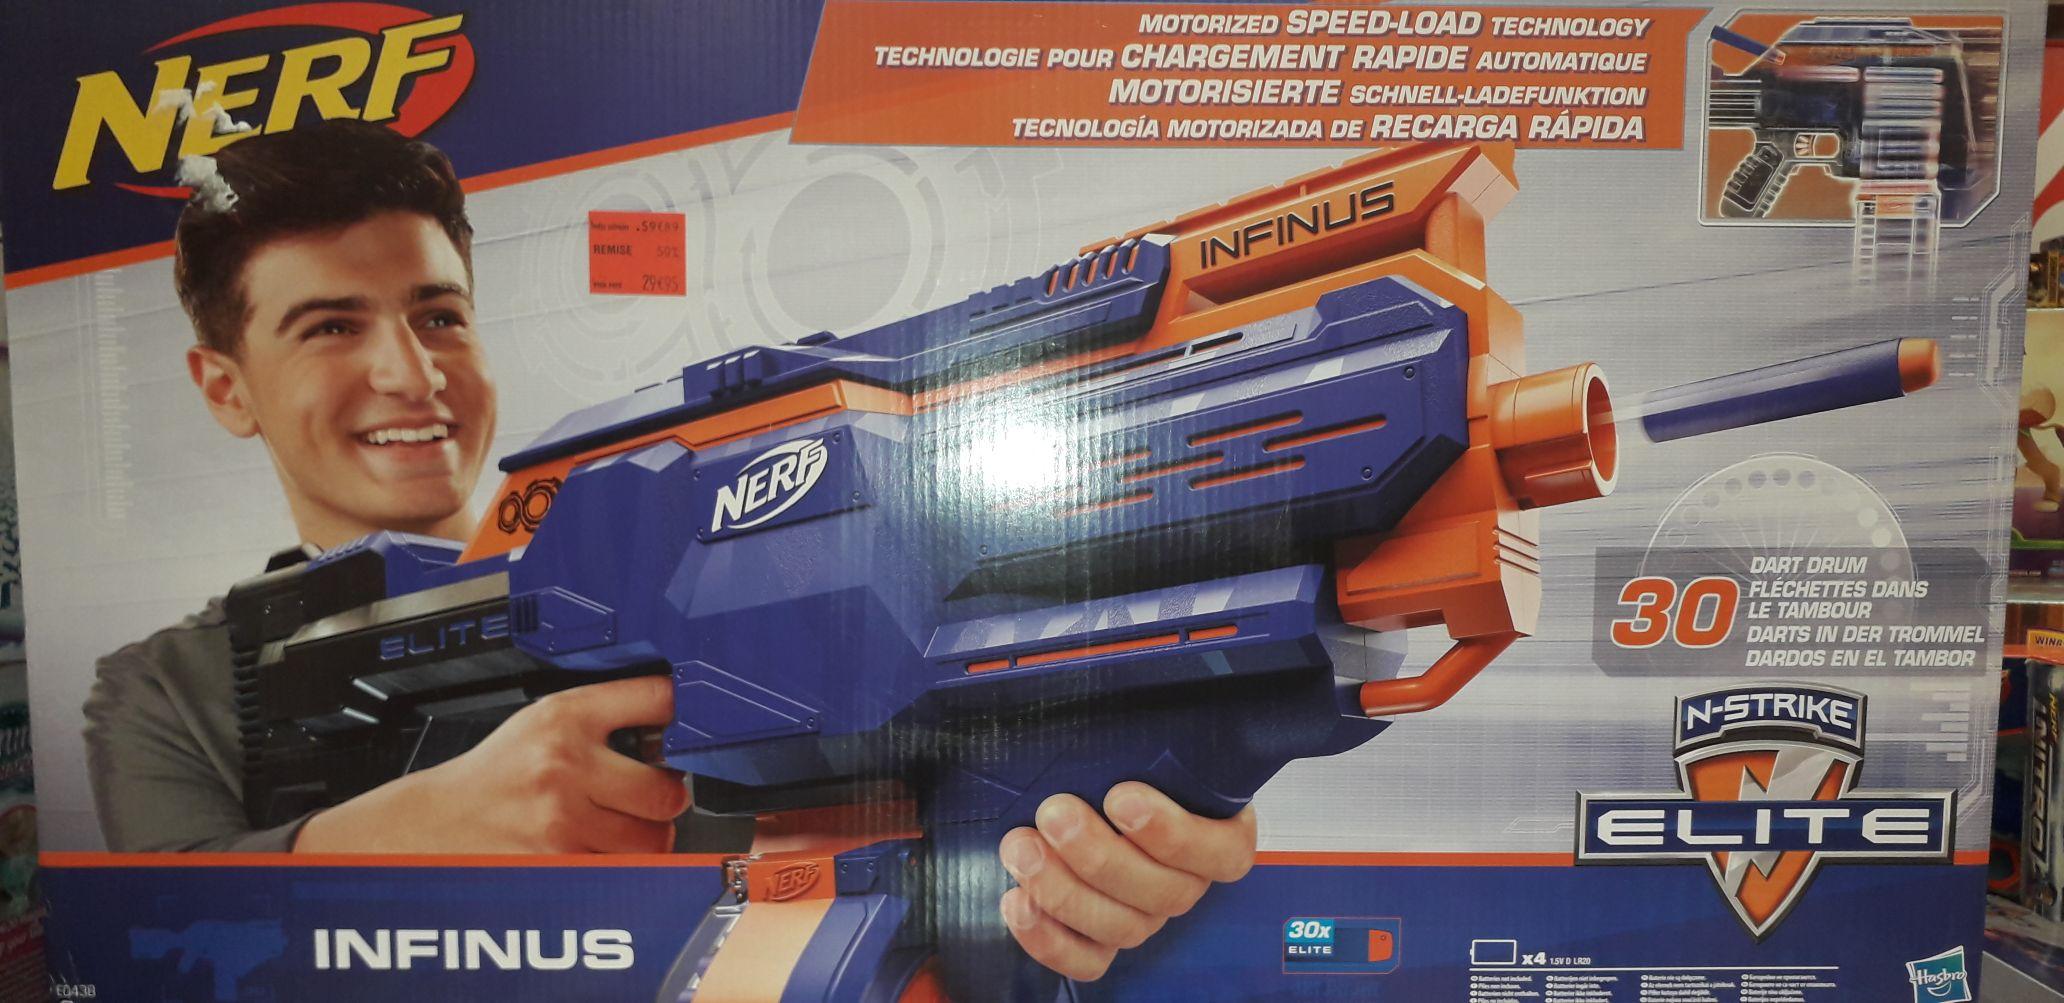 Pistolet à fléchettes Nerf N-Strike Elite Infinus - Vaulx-en-Velin (69)